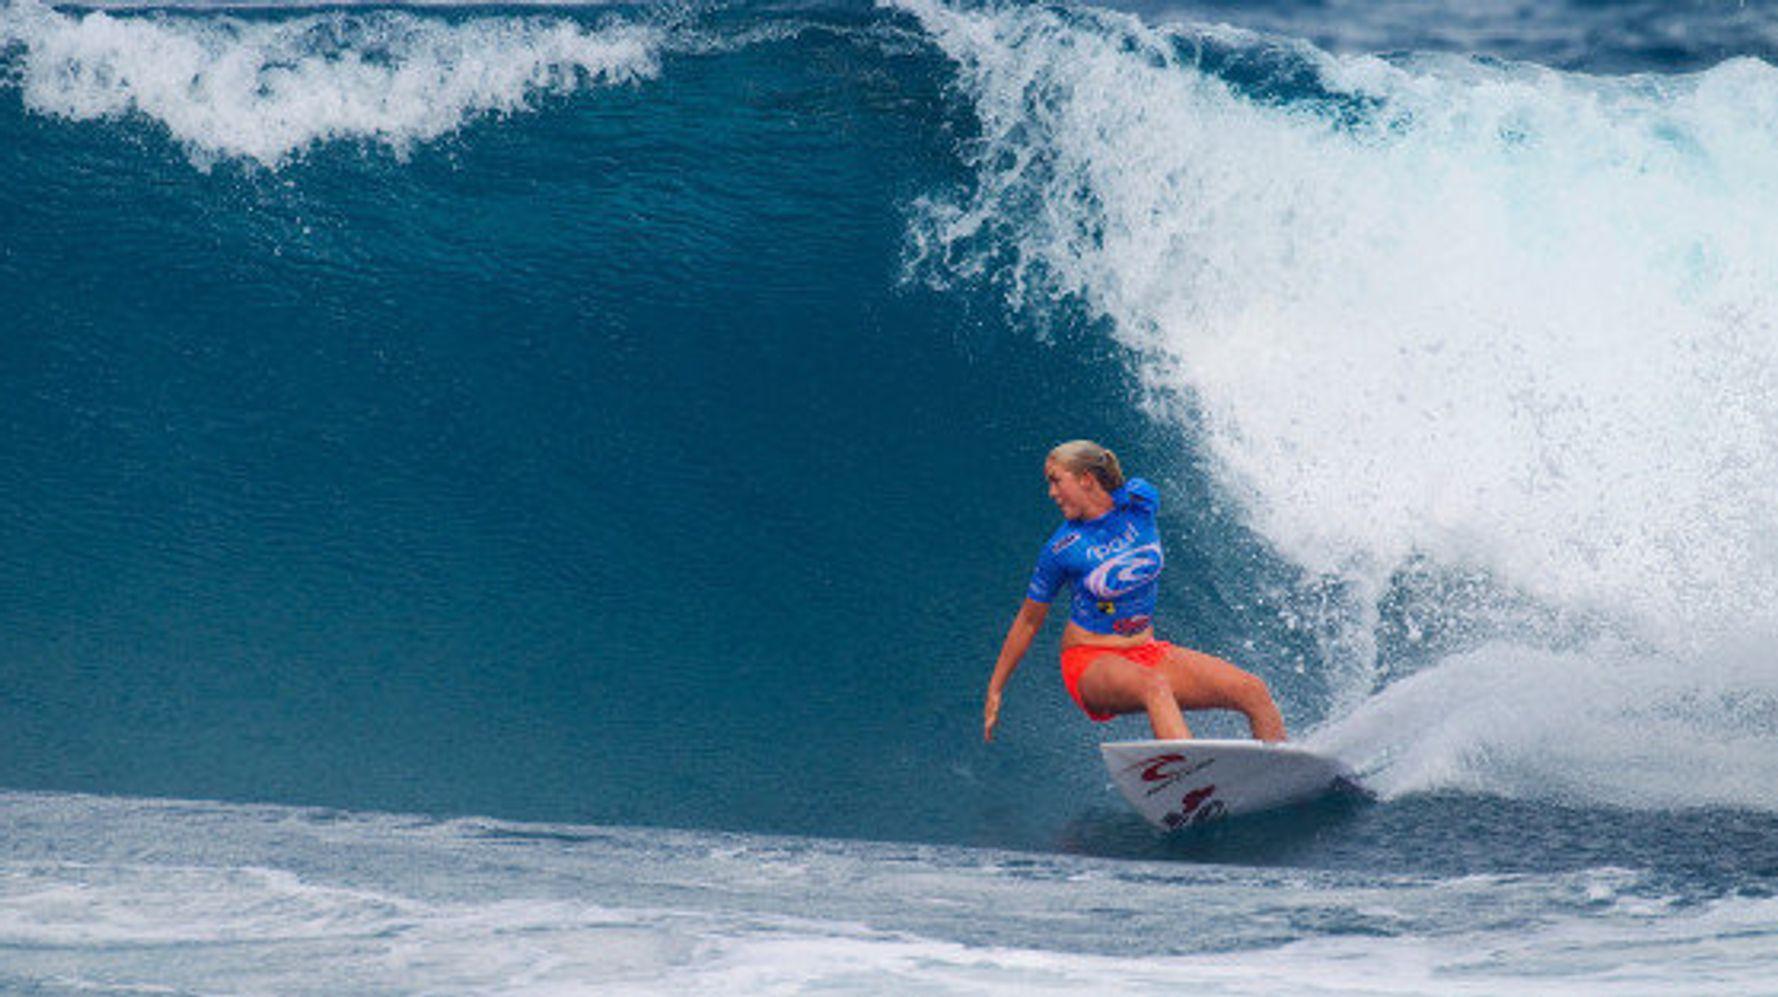 サメに襲われて片腕を失った女性サーファー 夢をあきらめずにプロ